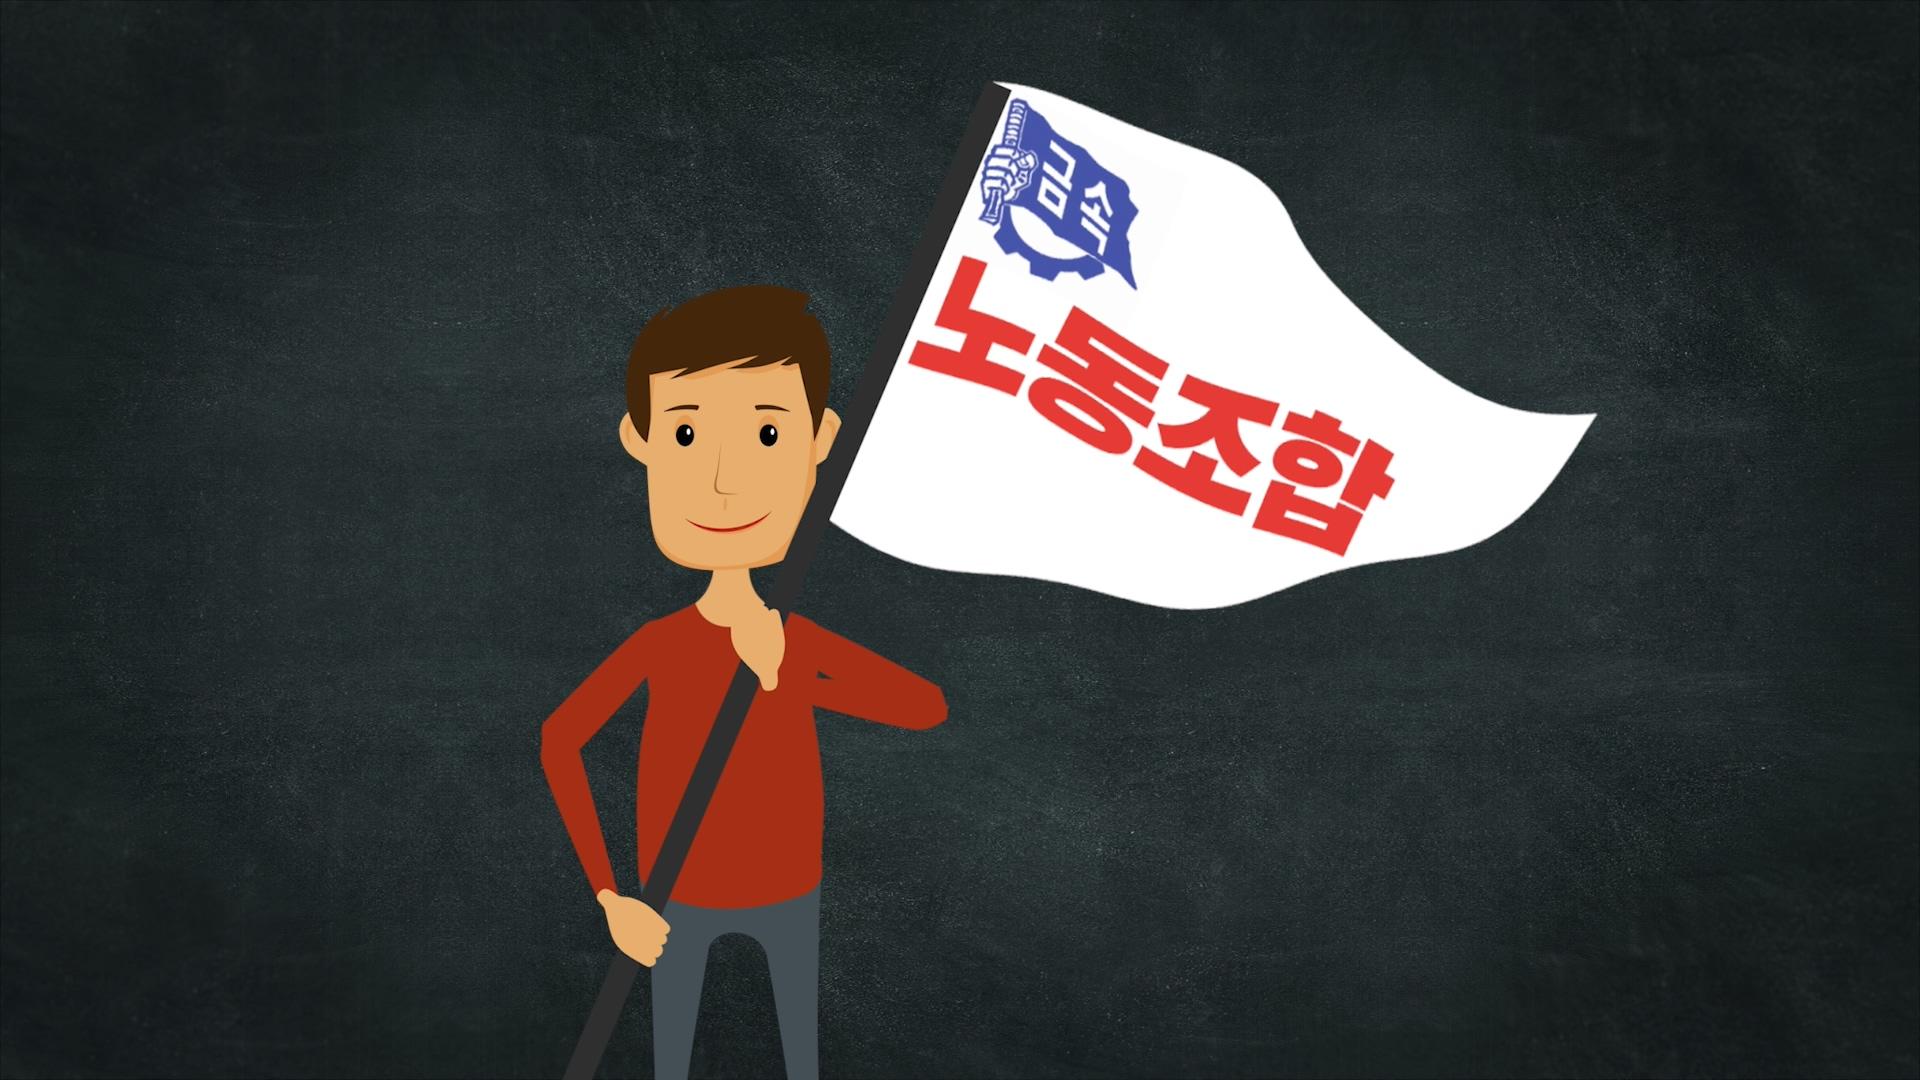 3 결국은 나와 노동조합의 이야기-4차 산업혁명 [출처 노뉴단].jpg